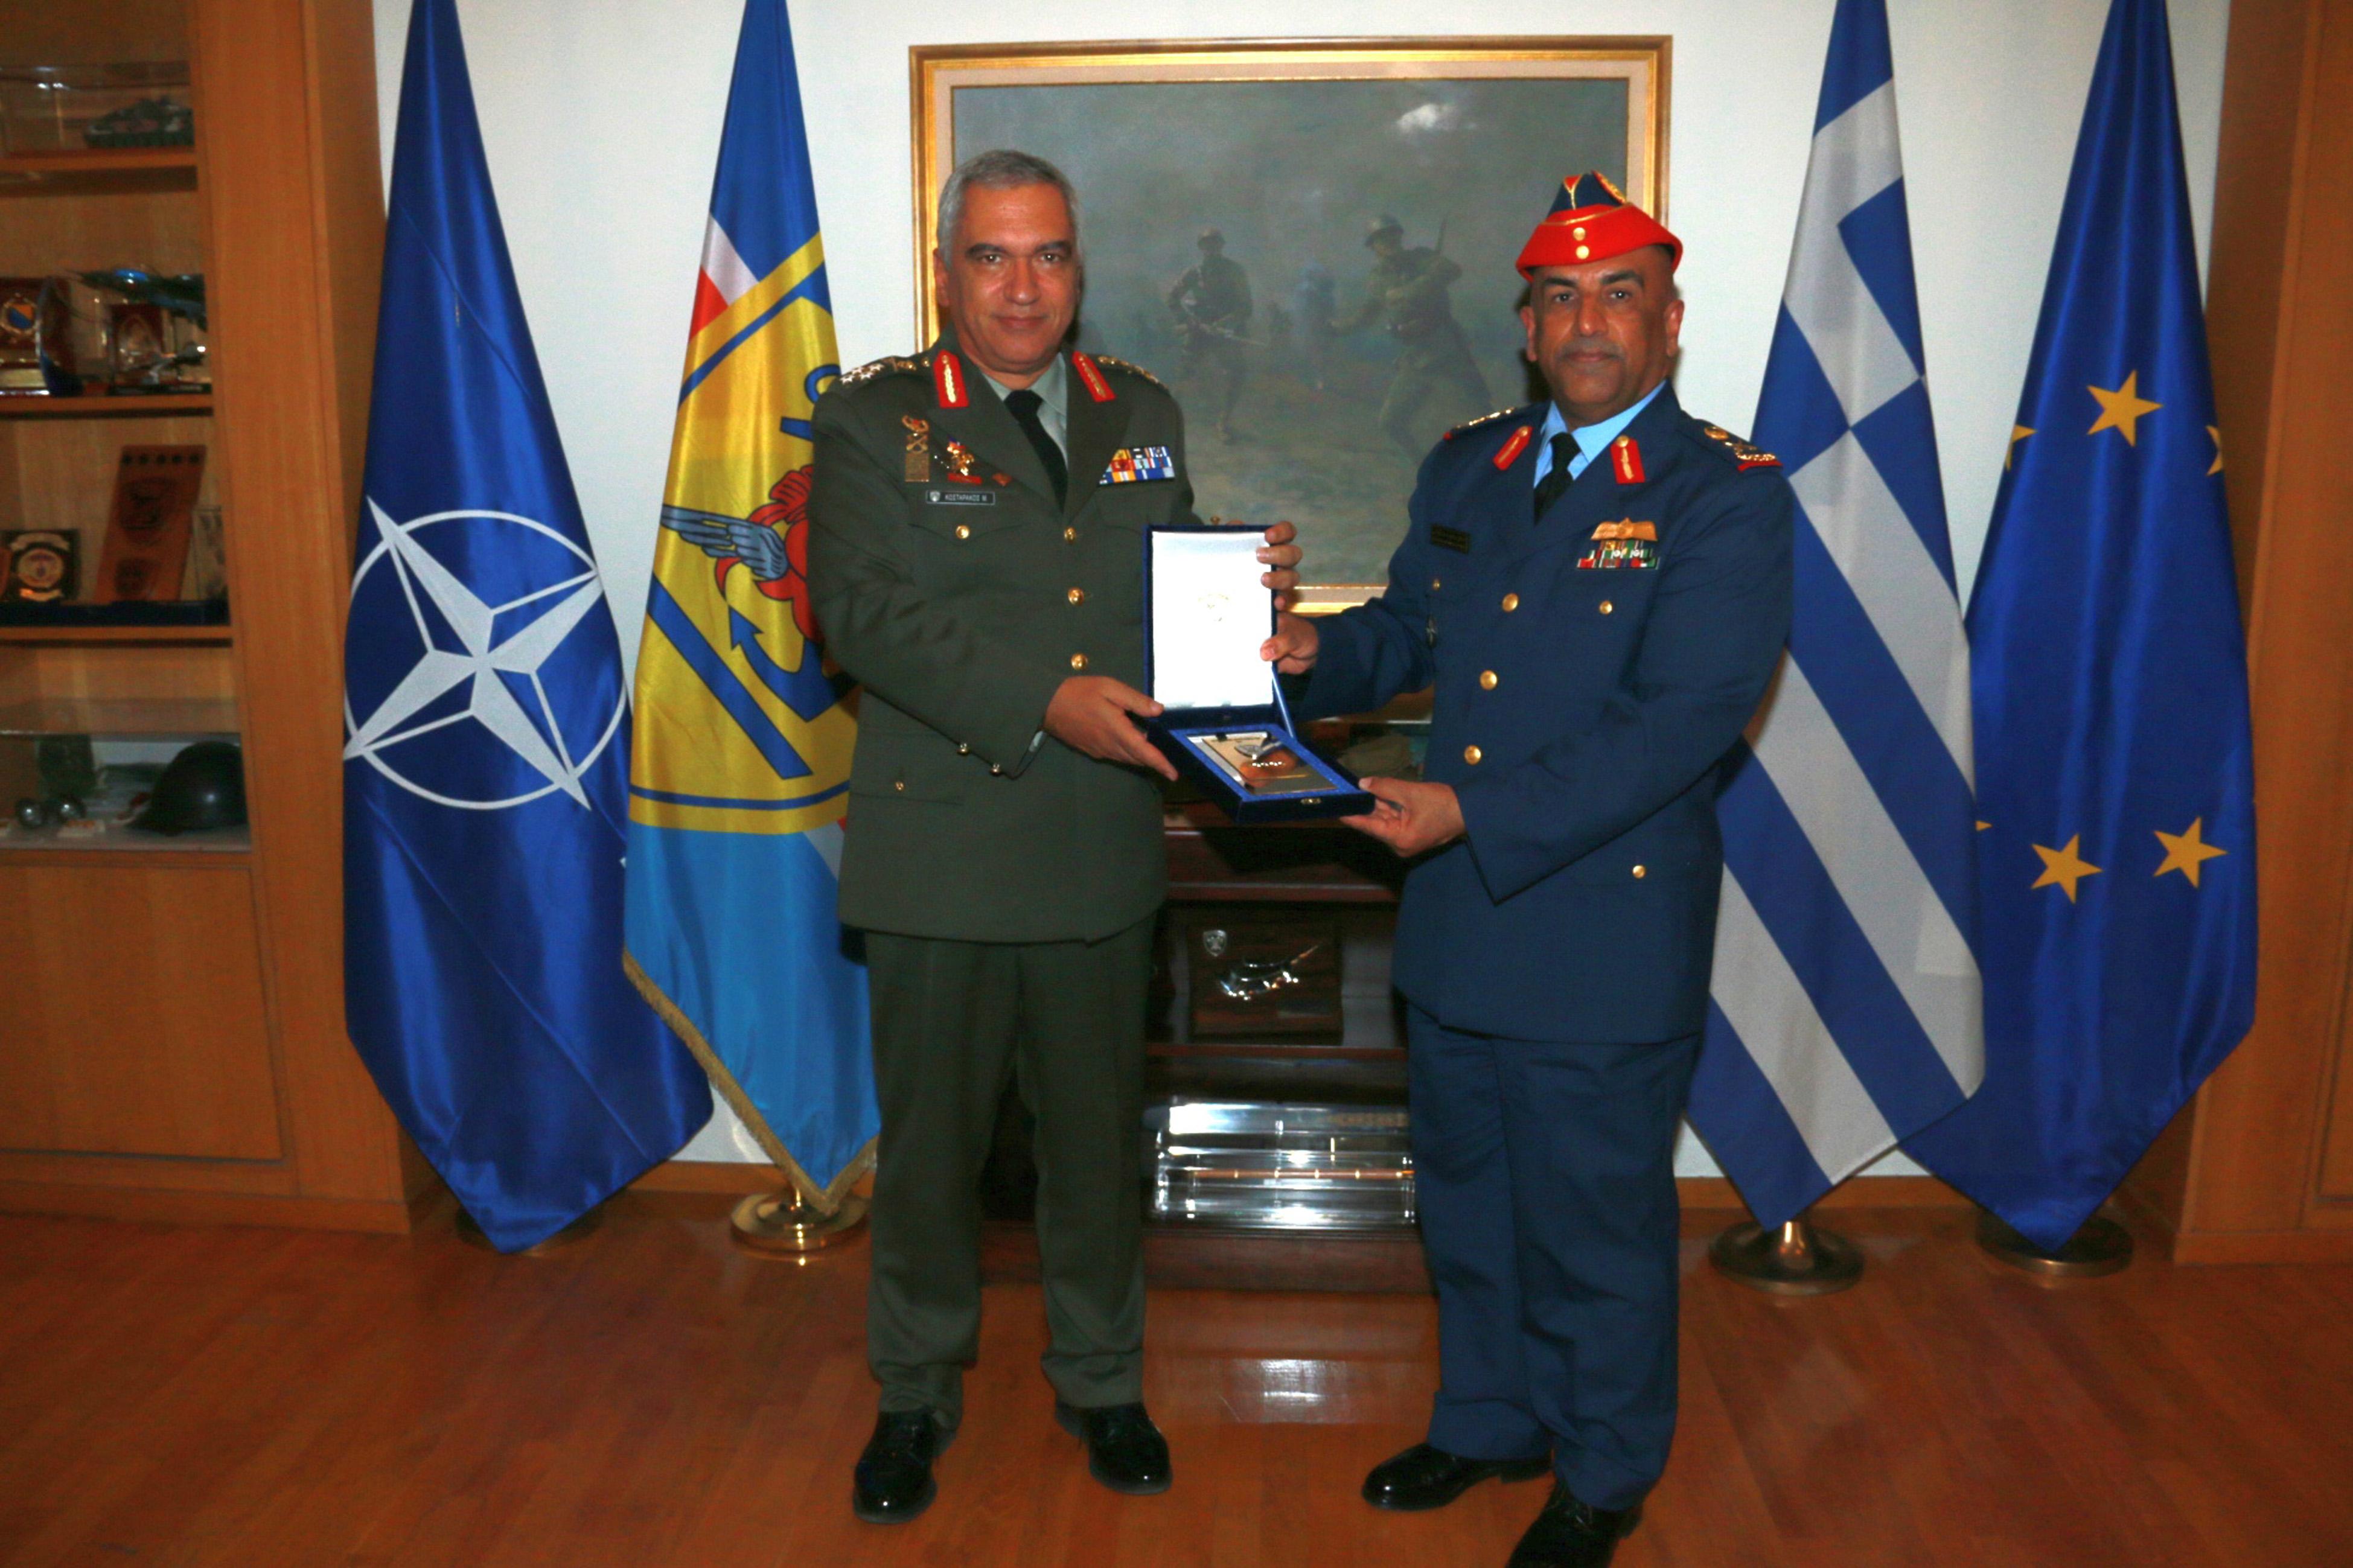 Ο Α/ΓΕΕΘΑ στρατηγός Κωσταράκος επικεφαλής της Στρατιωτικής Επιτροπής της ΕΕ   tovima.gr